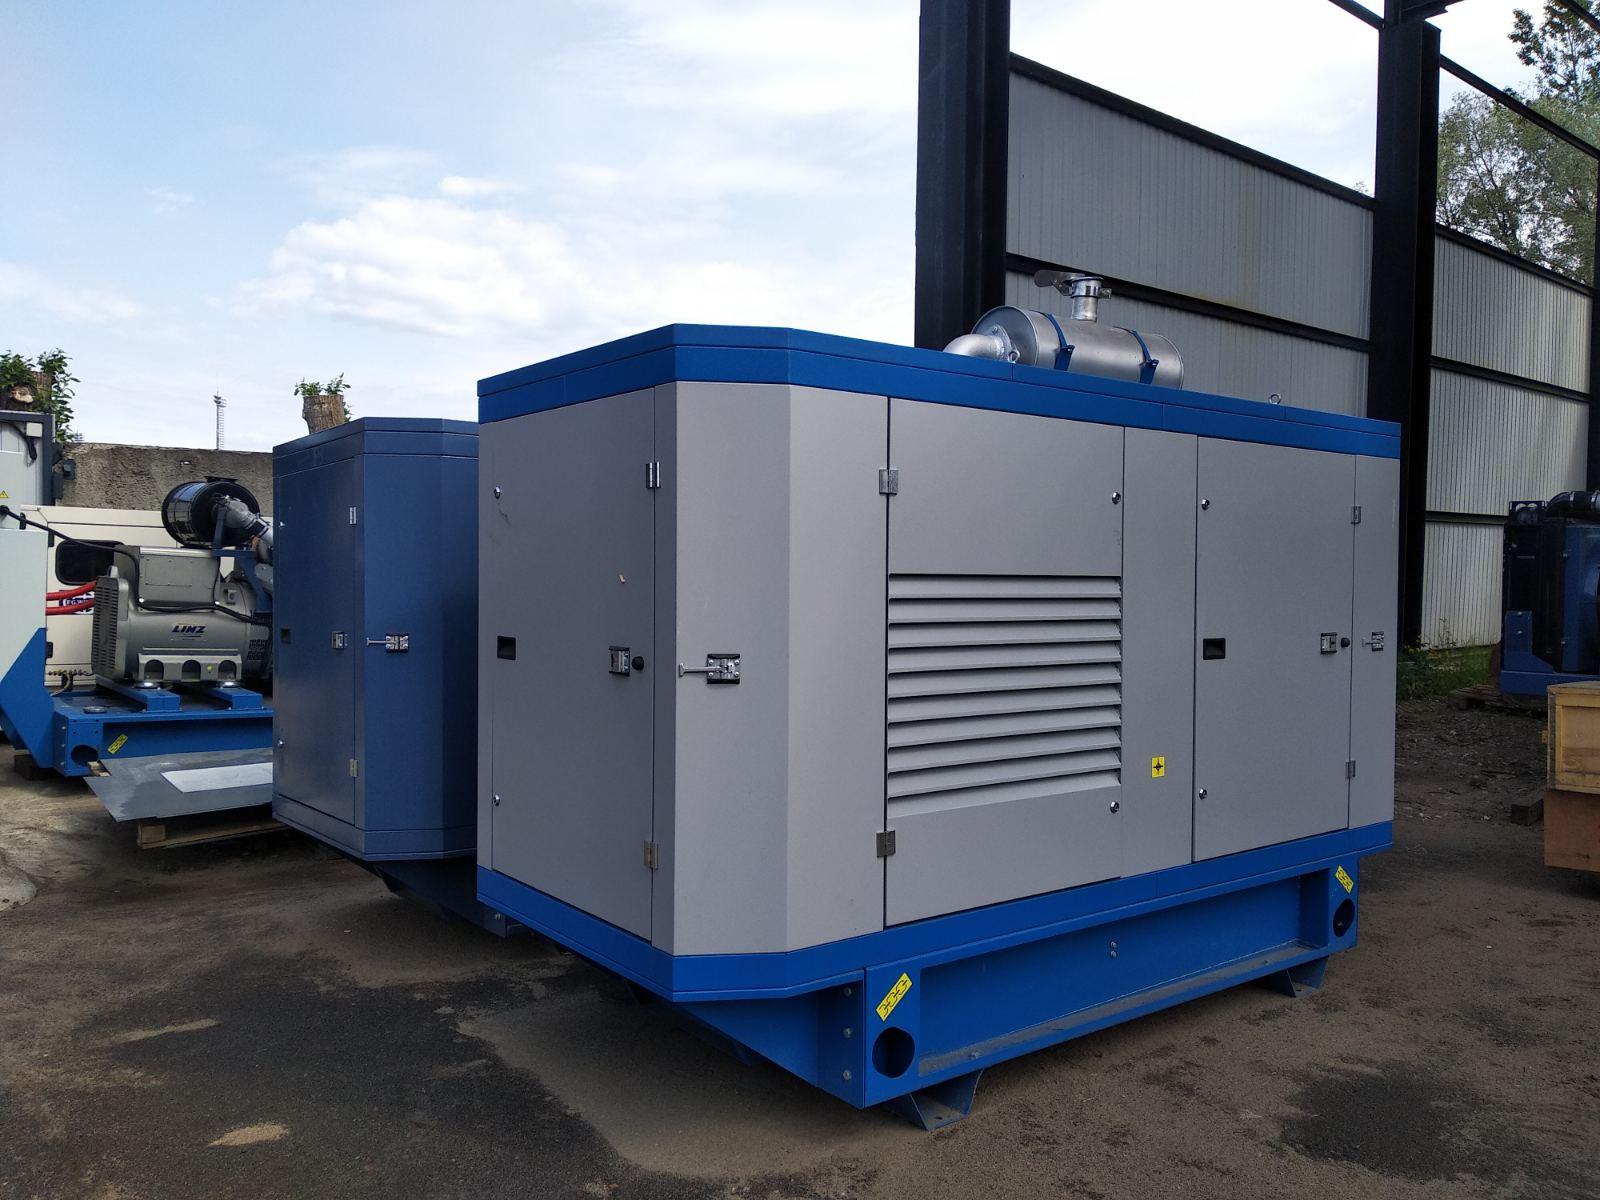 Дизельная электростанция 160 кВт в погодозащитном кожухе